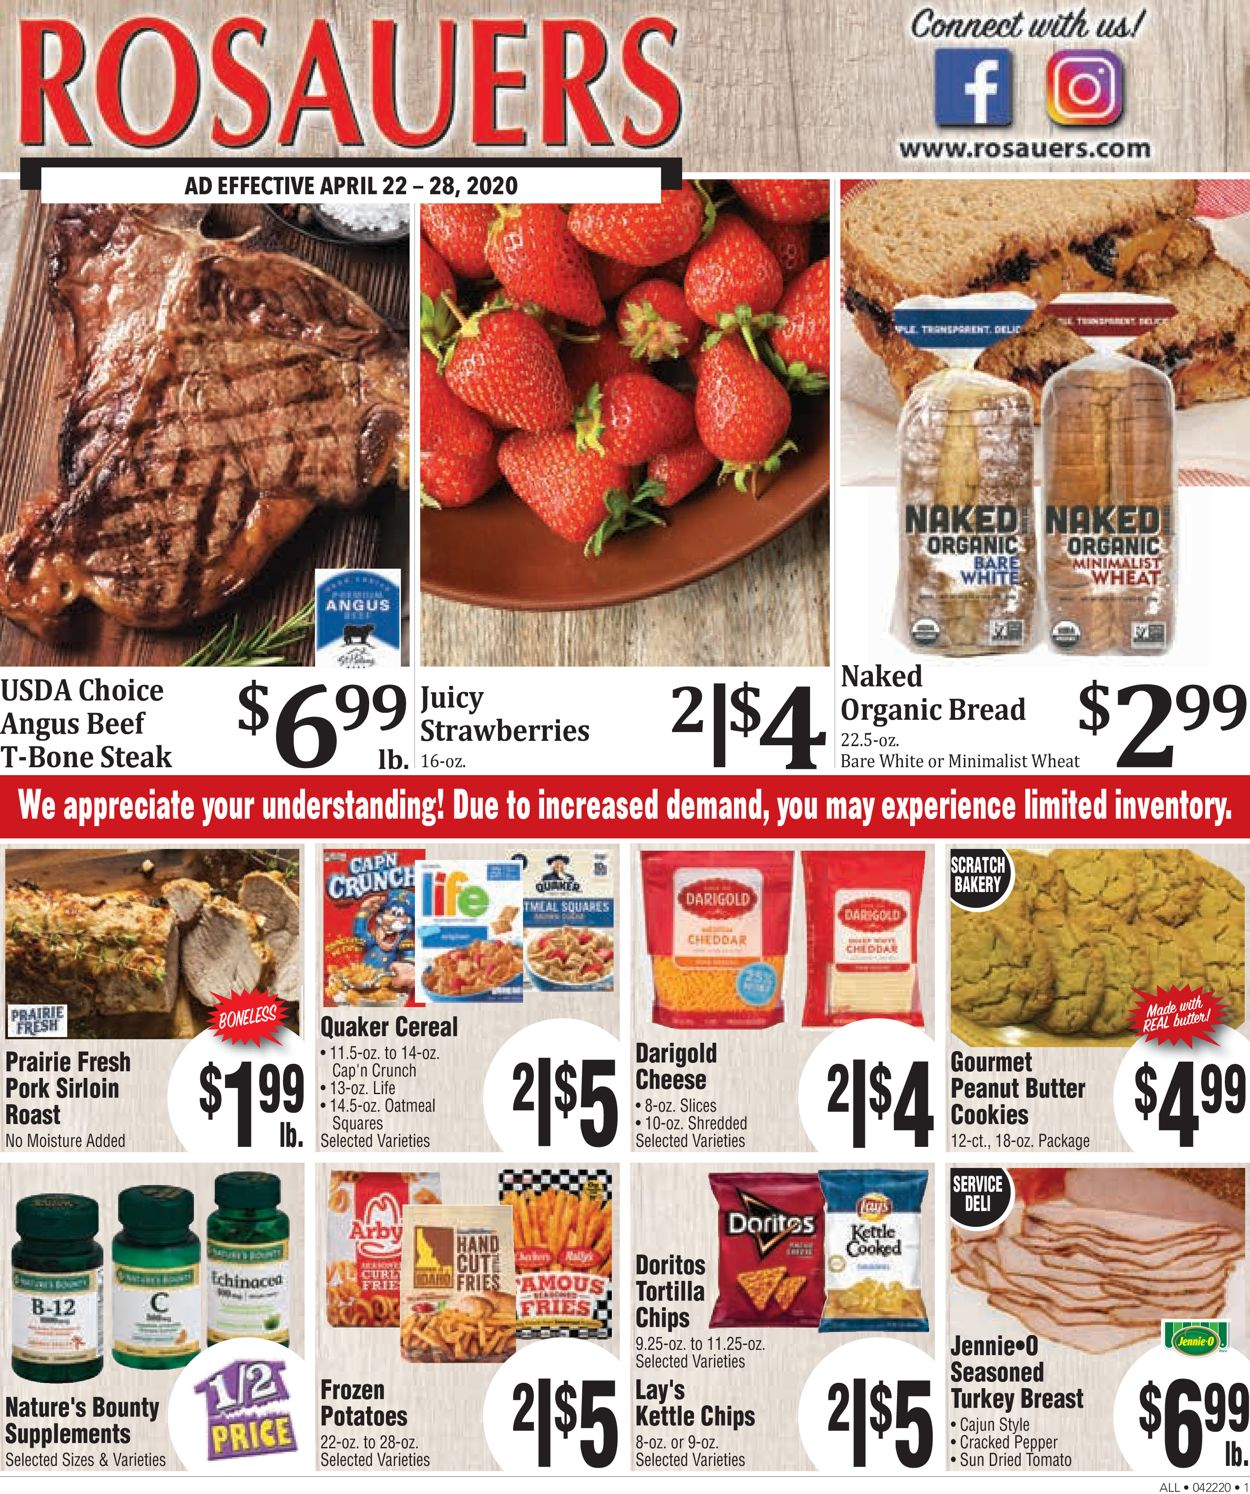 Rosauers Weekly Ad Circular - valid 04/22-04/28/2020